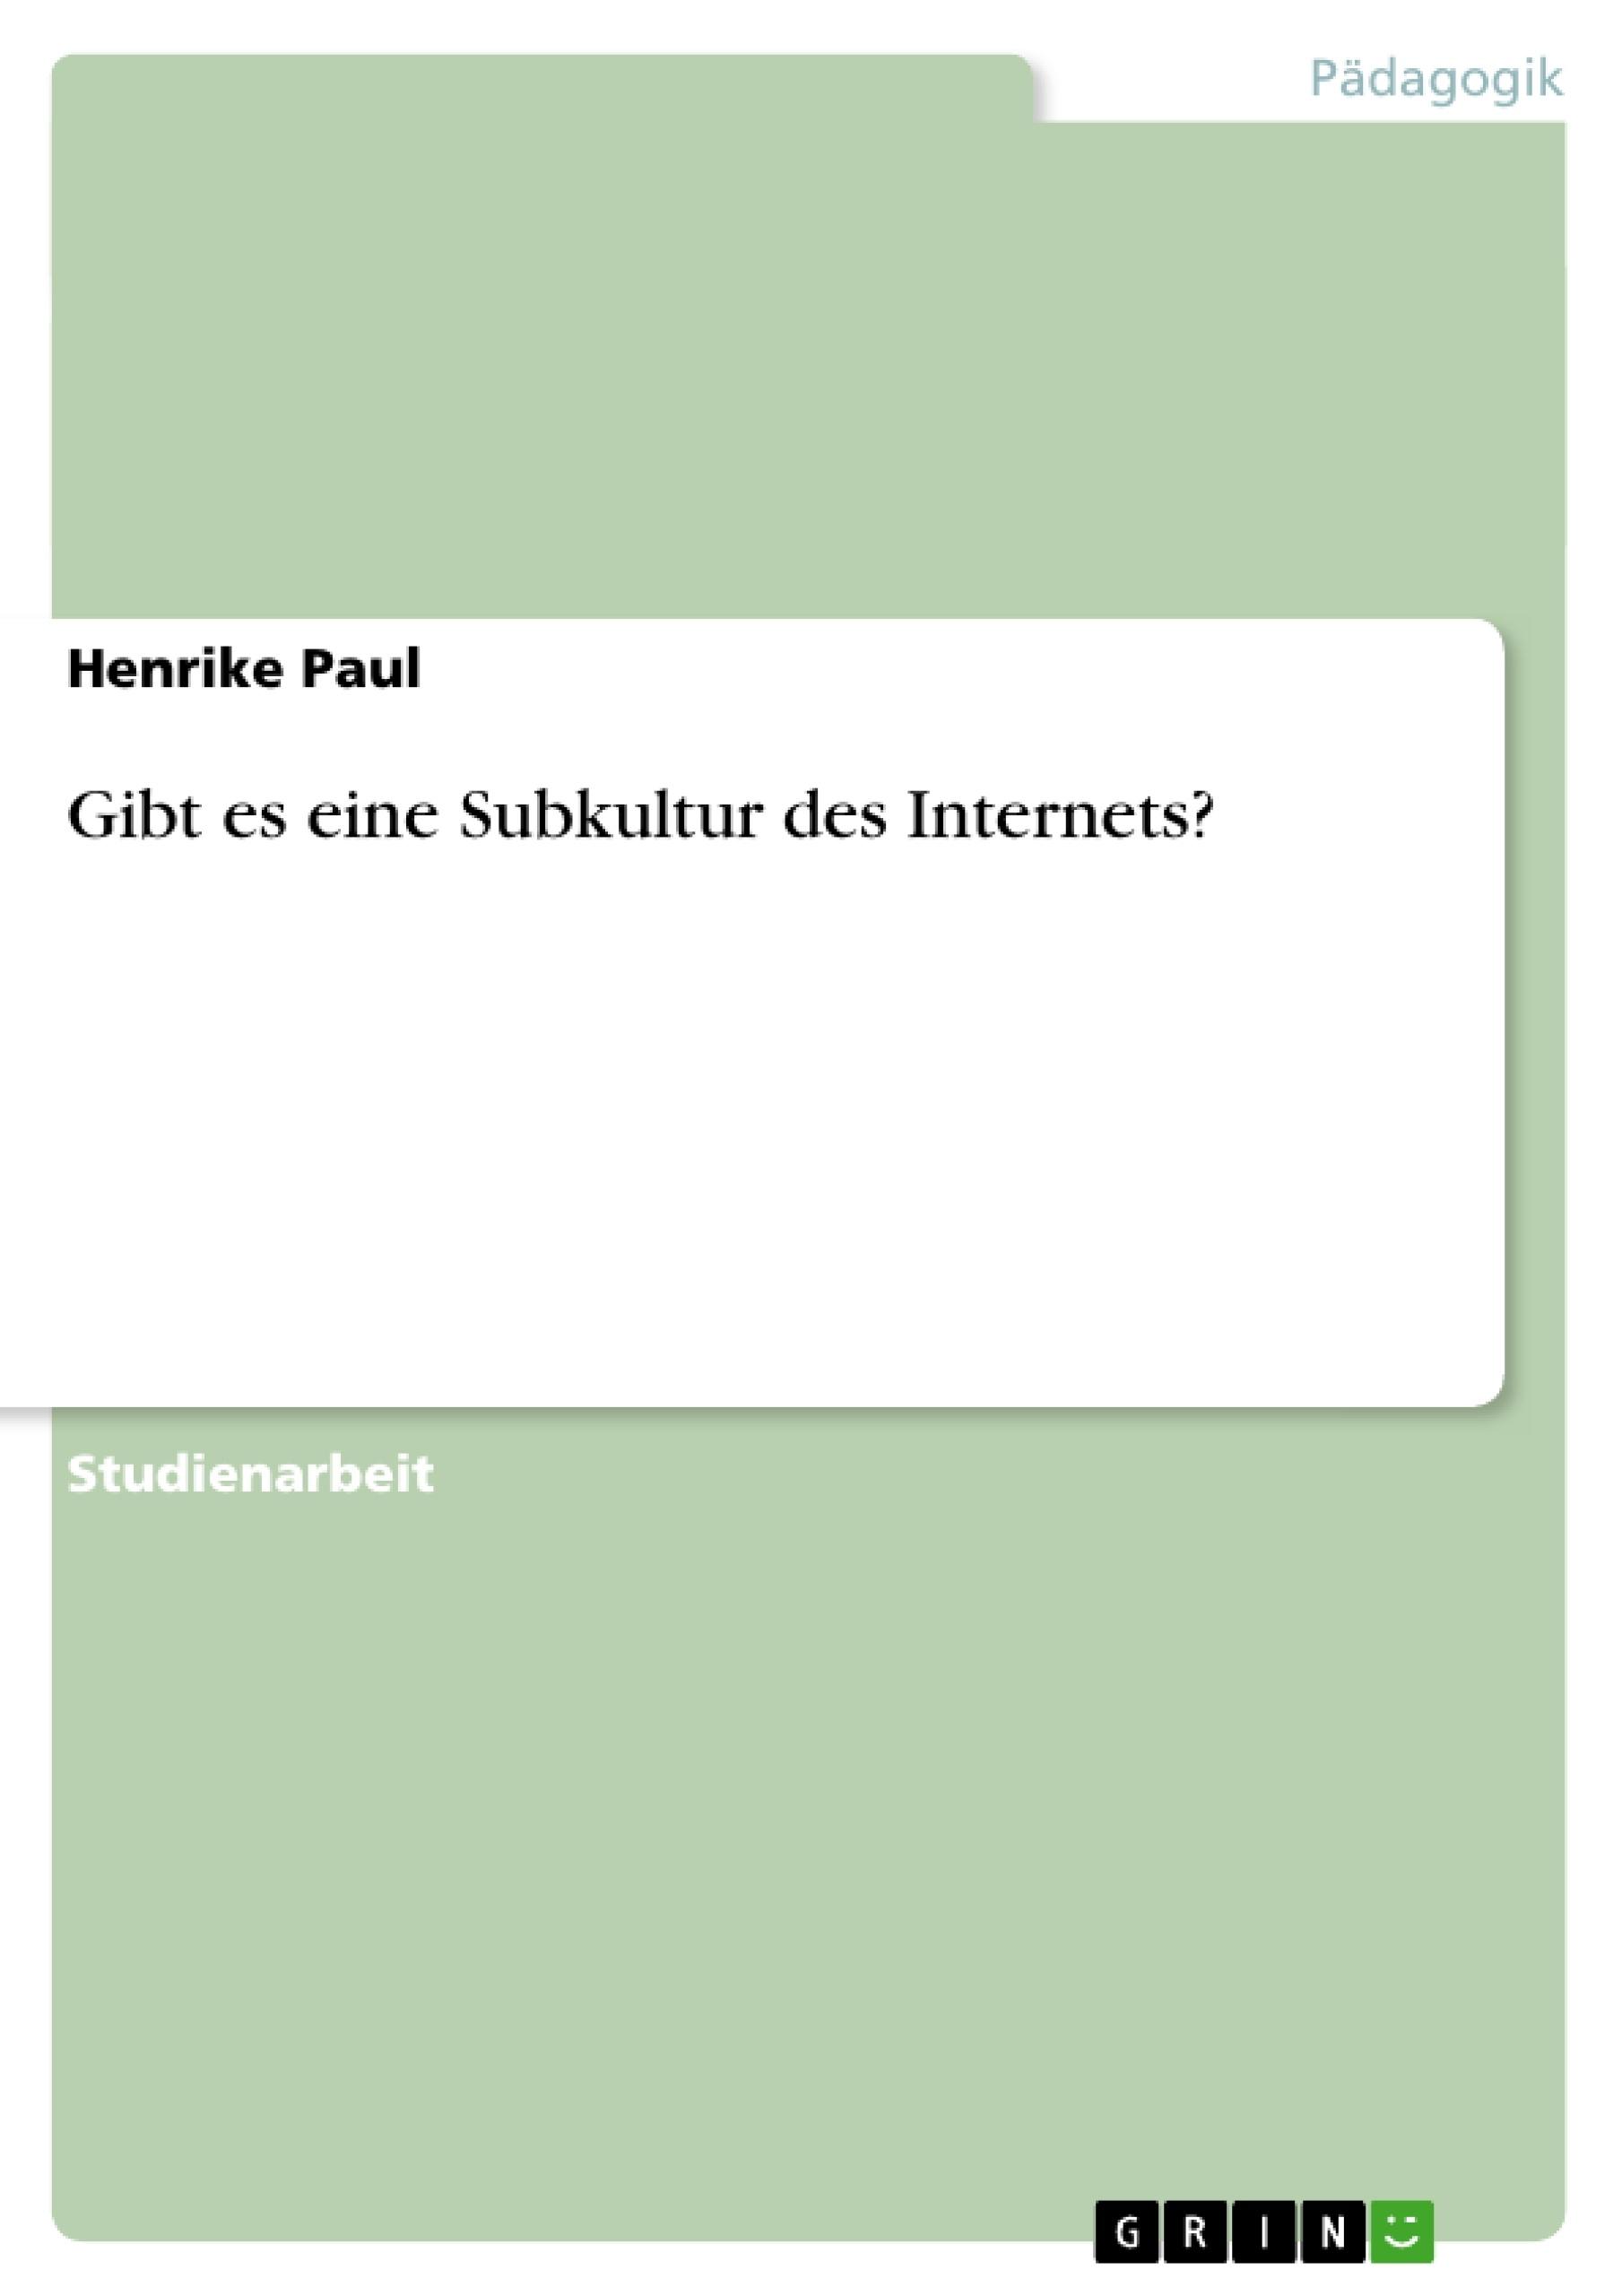 Titel: Gibt es eine Subkultur des Internets?